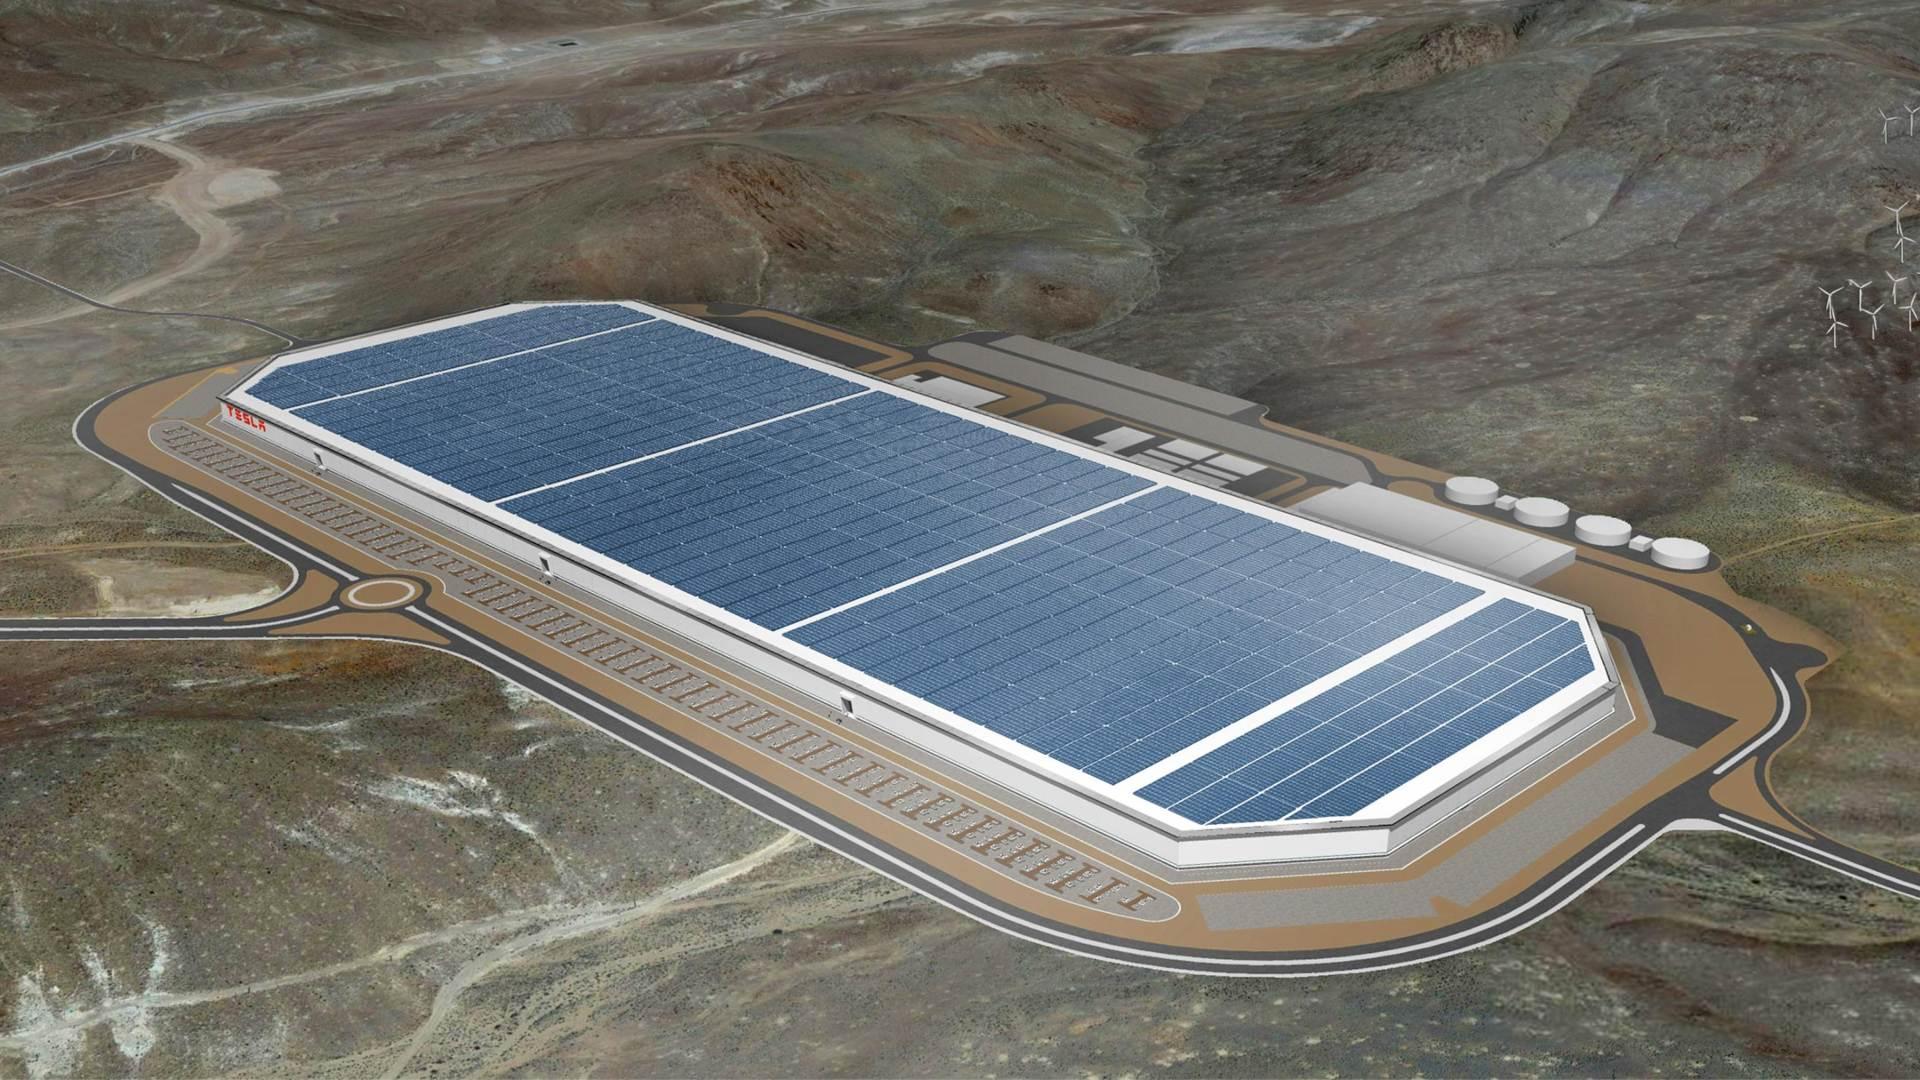 Alemania acogerá la cuarta gigafactoría de Tesla